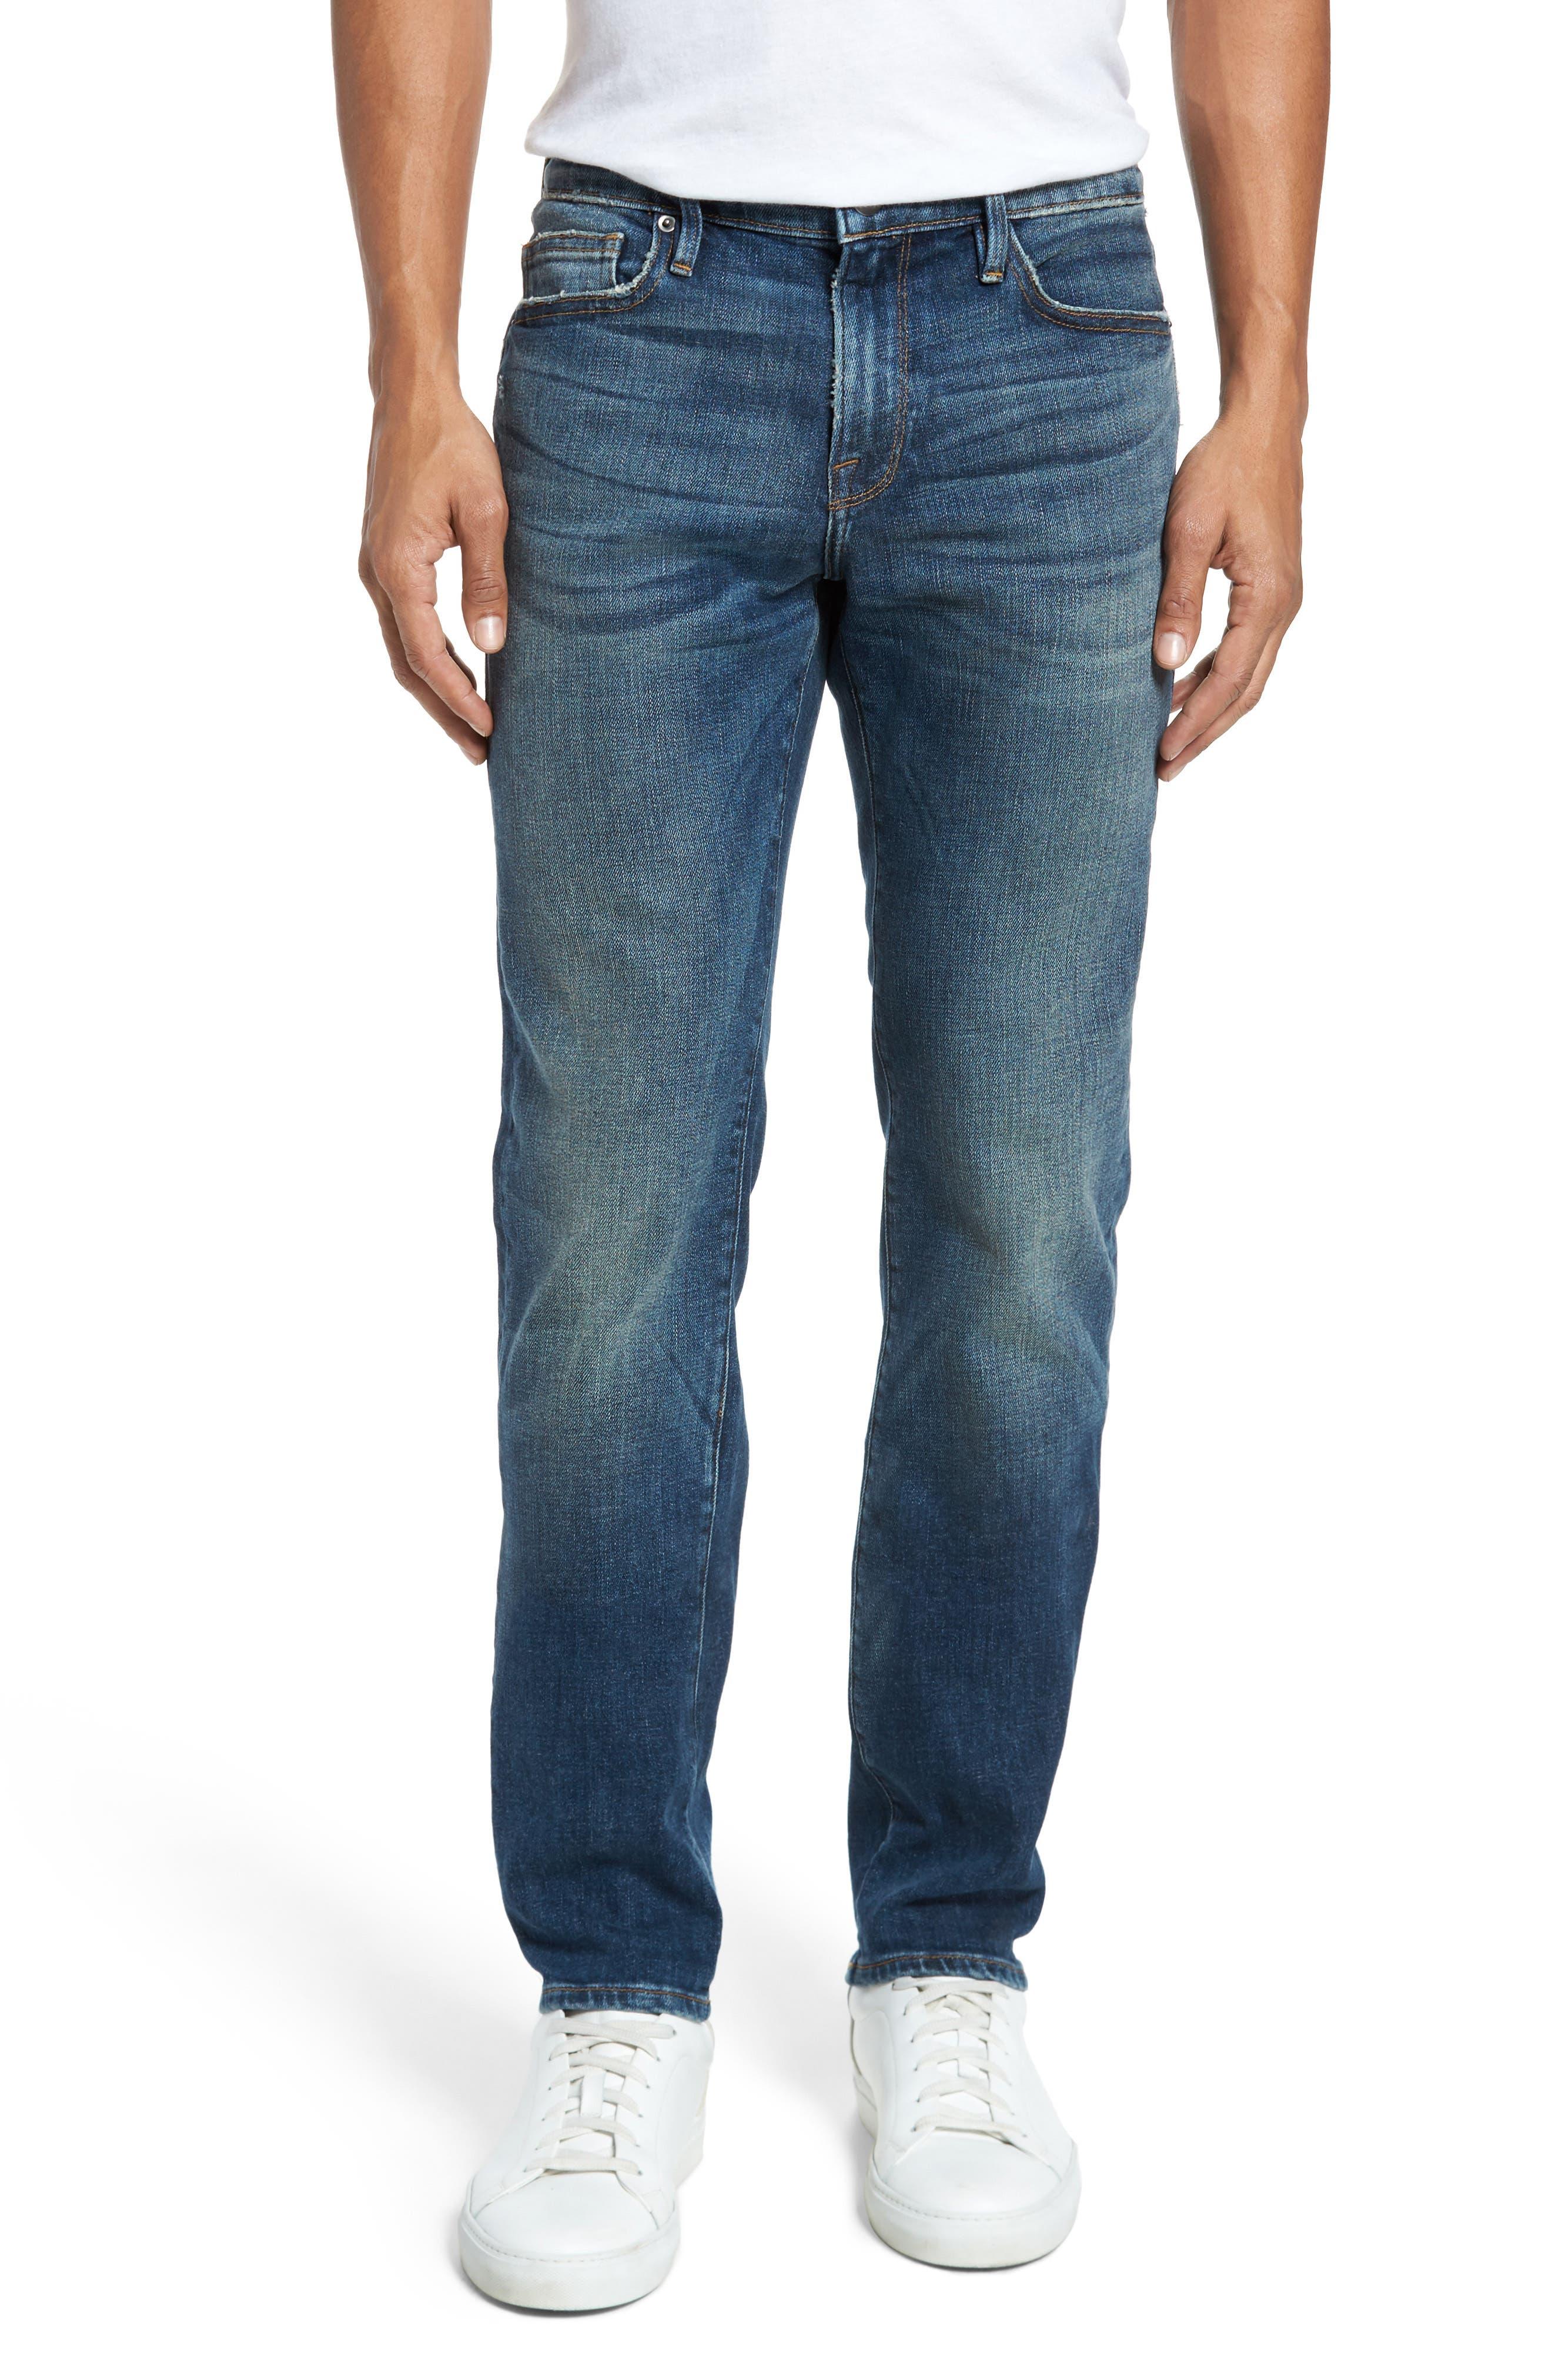 L'Homme Slim Fit Jeans,                             Main thumbnail 1, color,                             Salt Lake